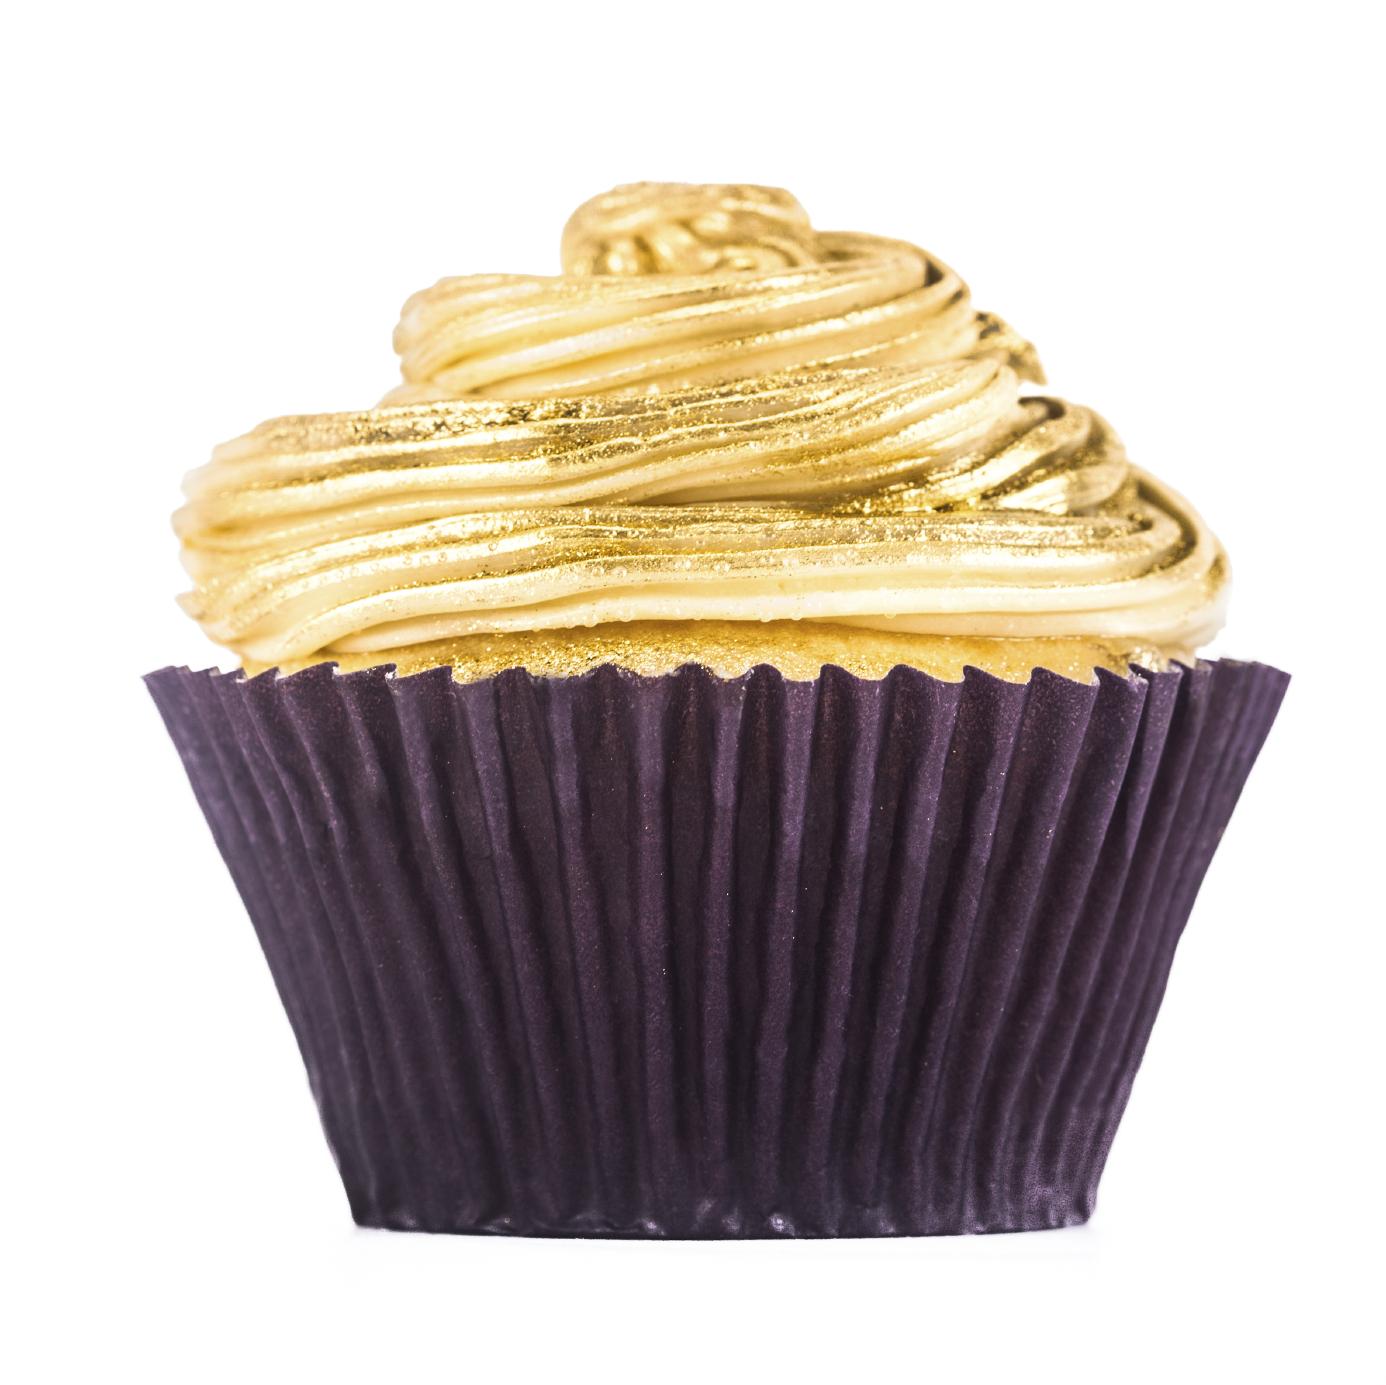 Cupcake cubierto de chocolate blanco y oro en polvo